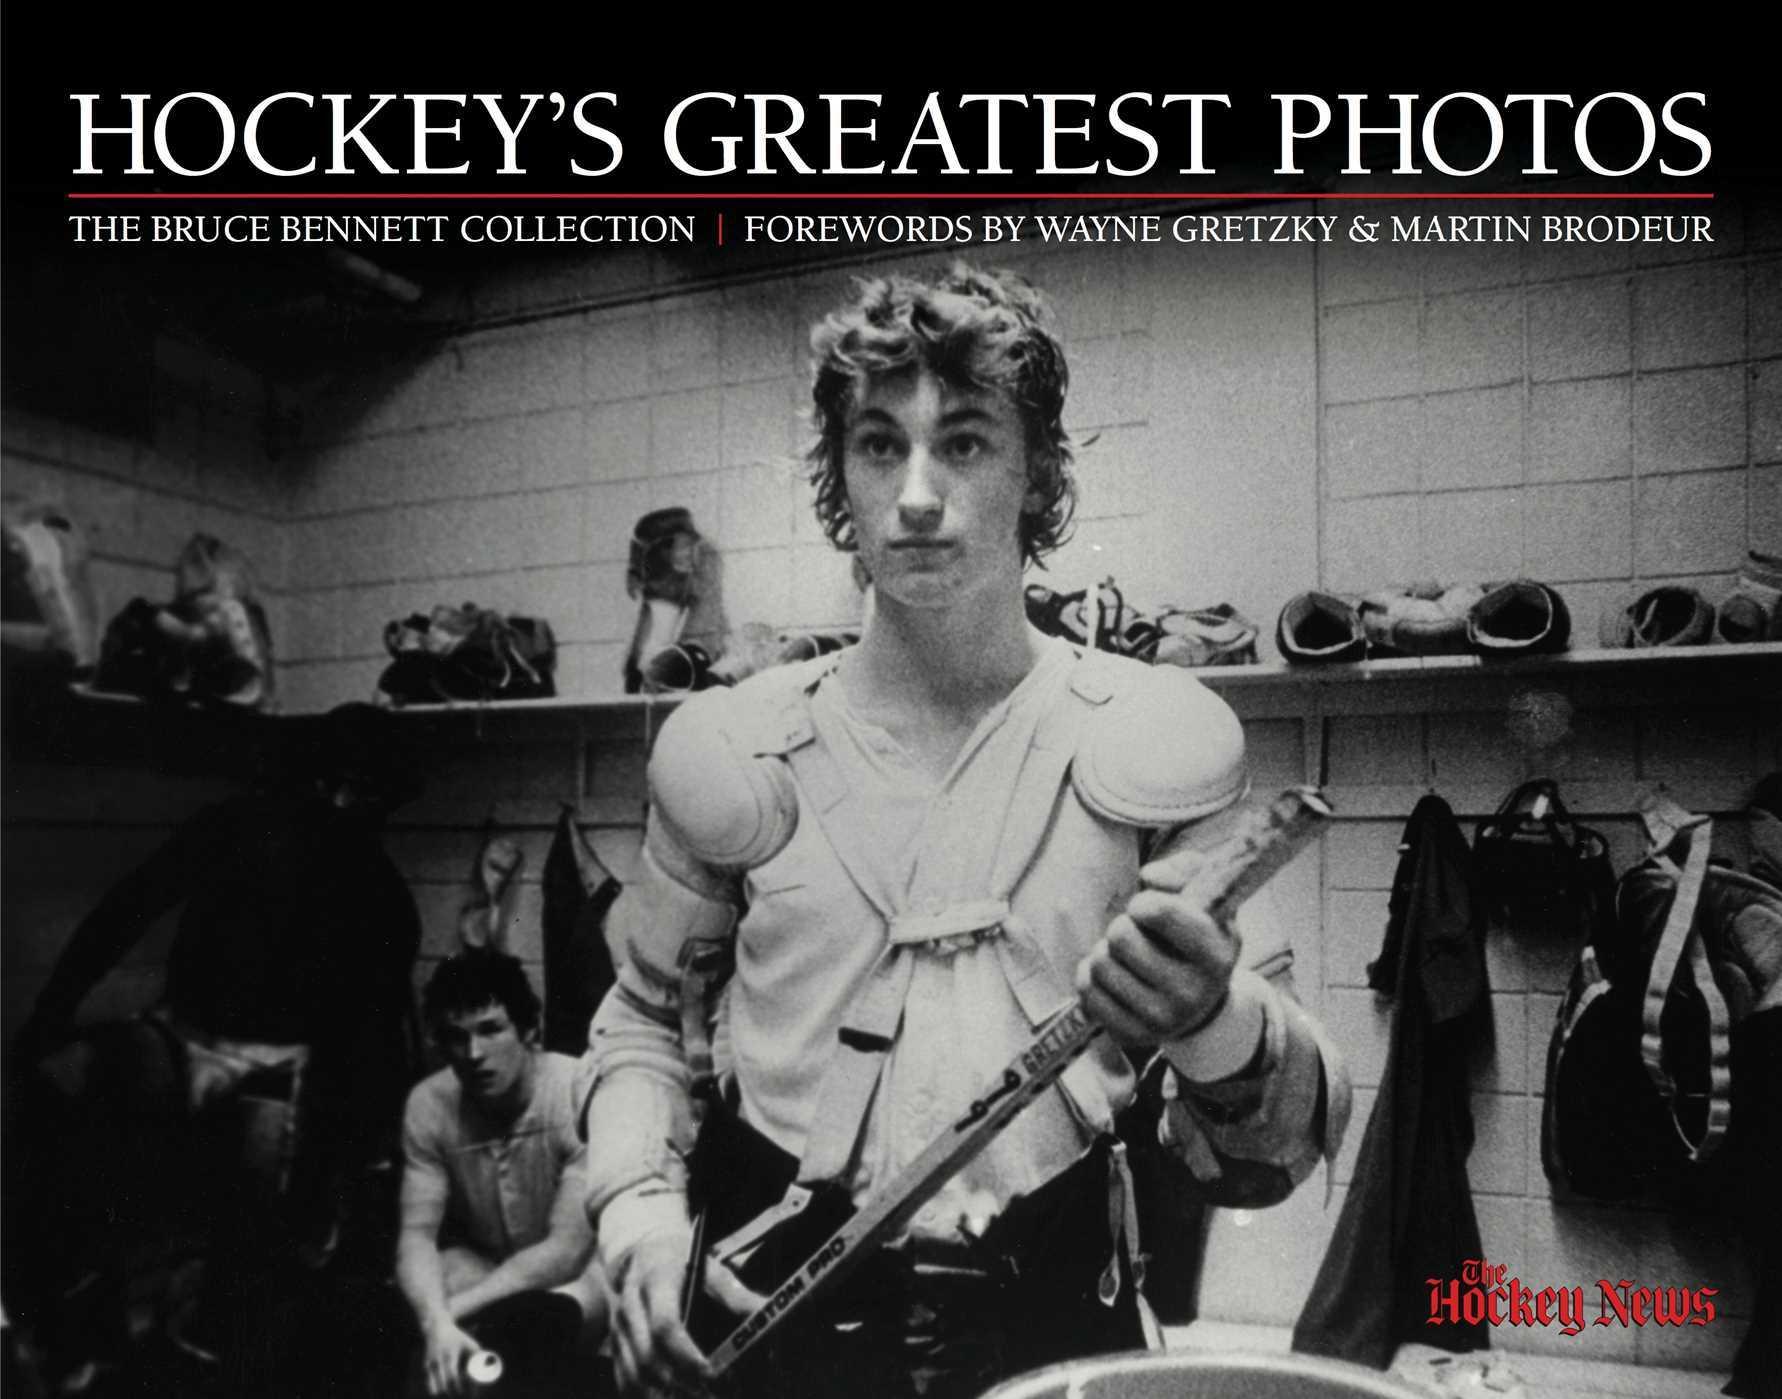 The Hockey News: Hockeys Greatest Photos: The Bruce Bennett Collection The Hockey News